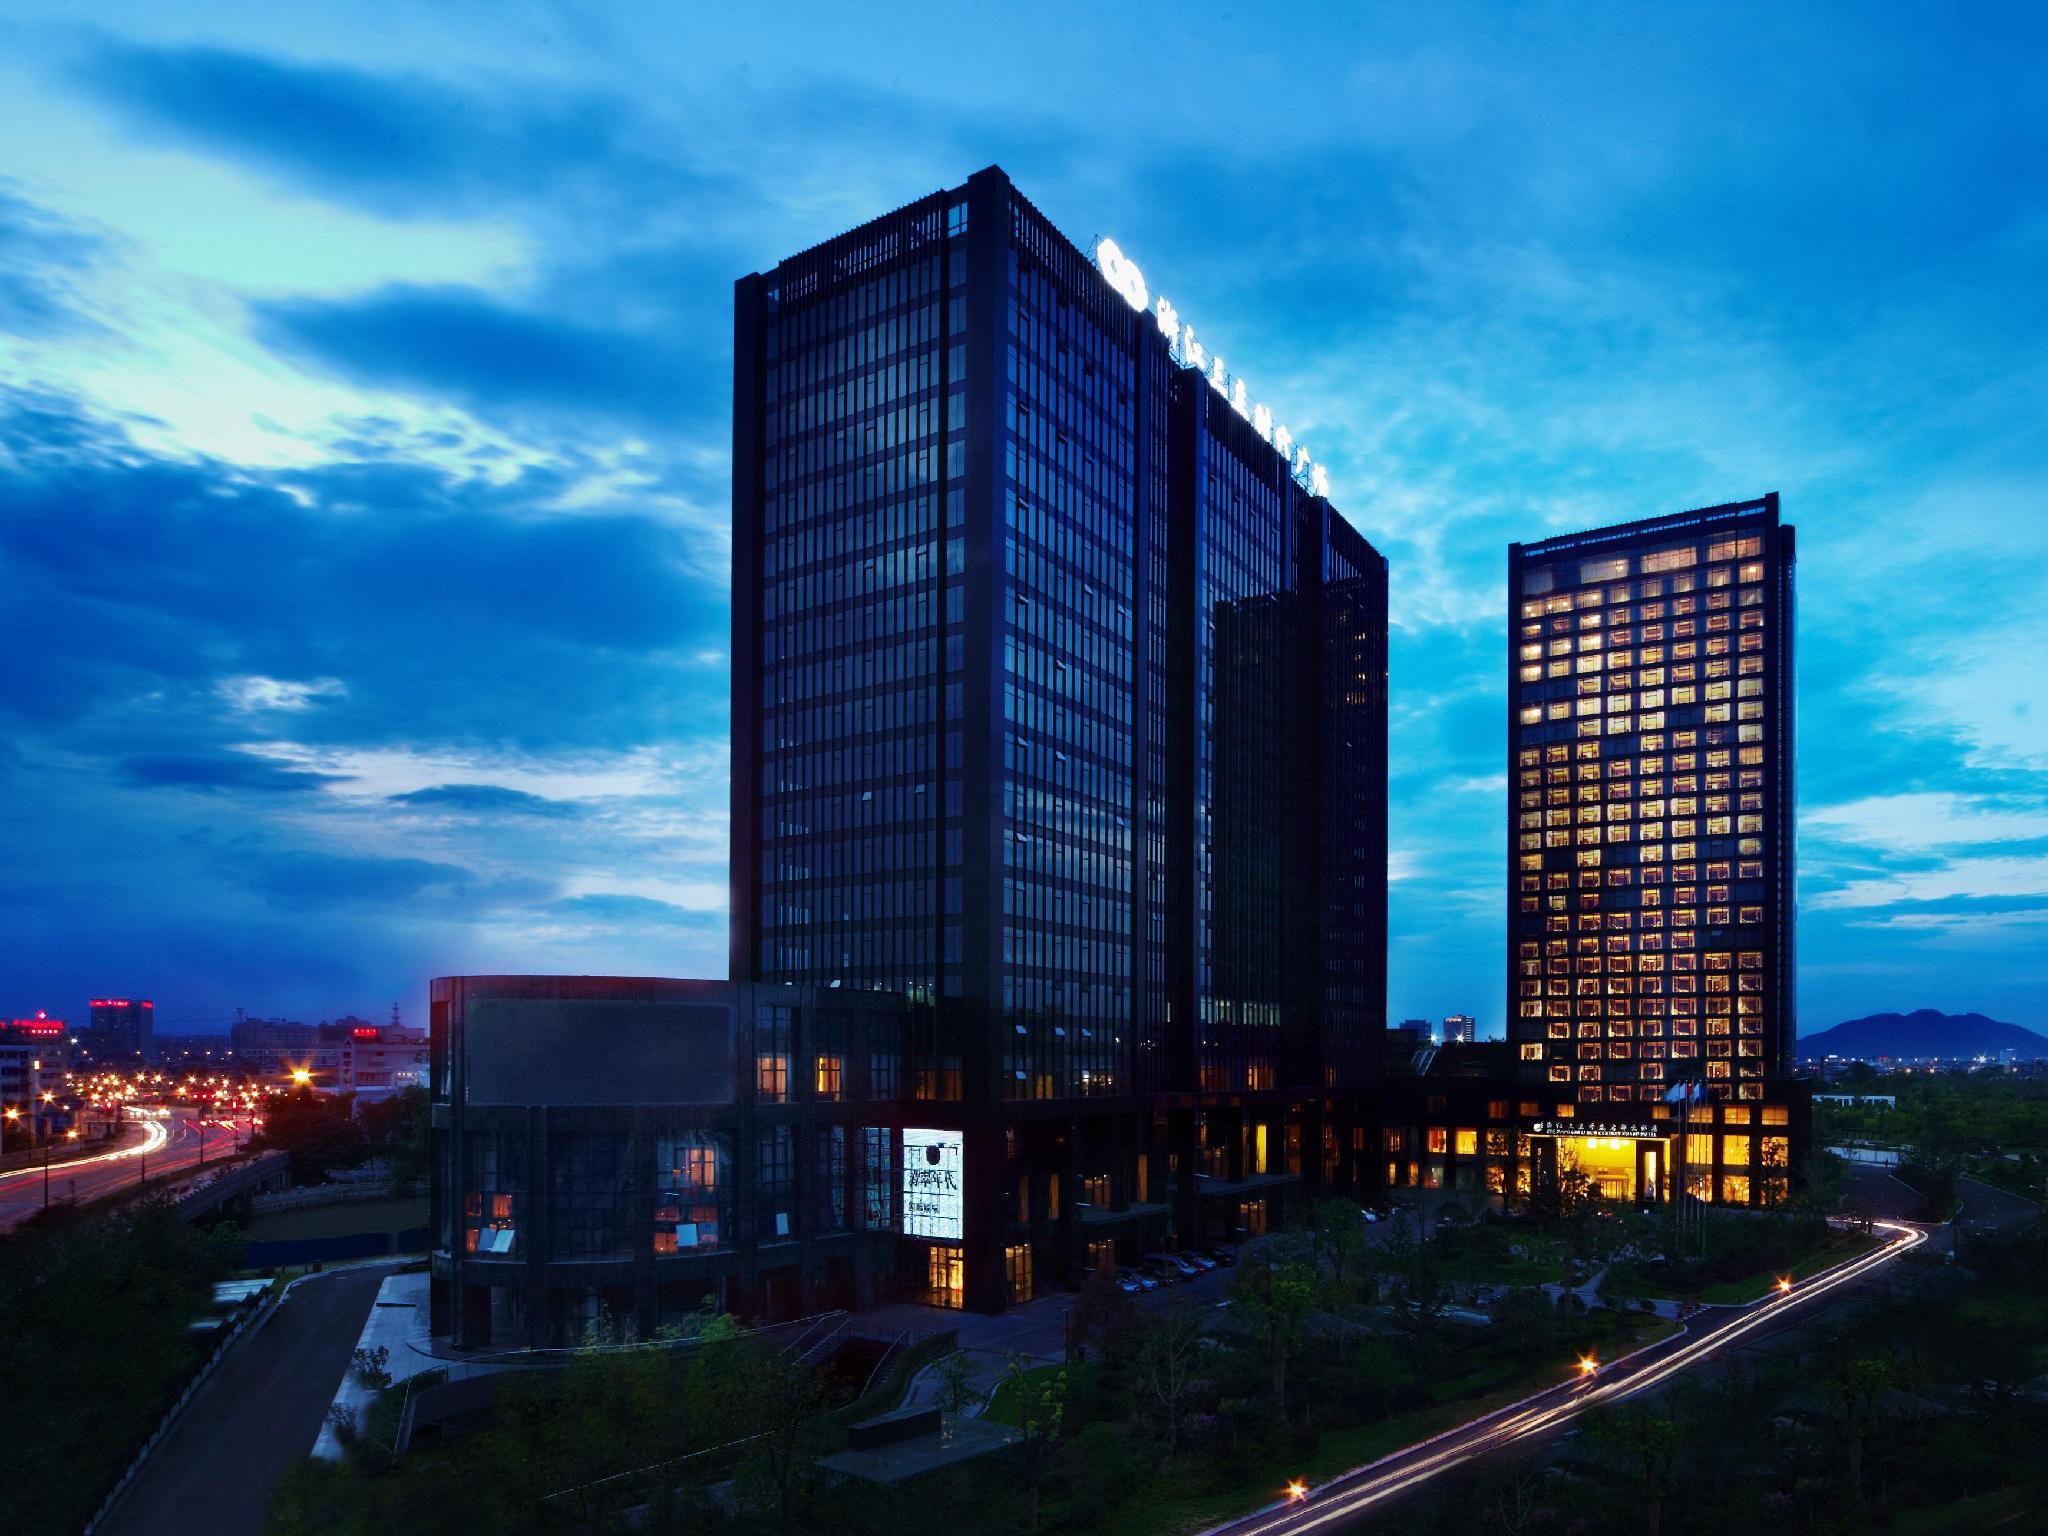 Zhejiang Sanli New Century Grand Hotel